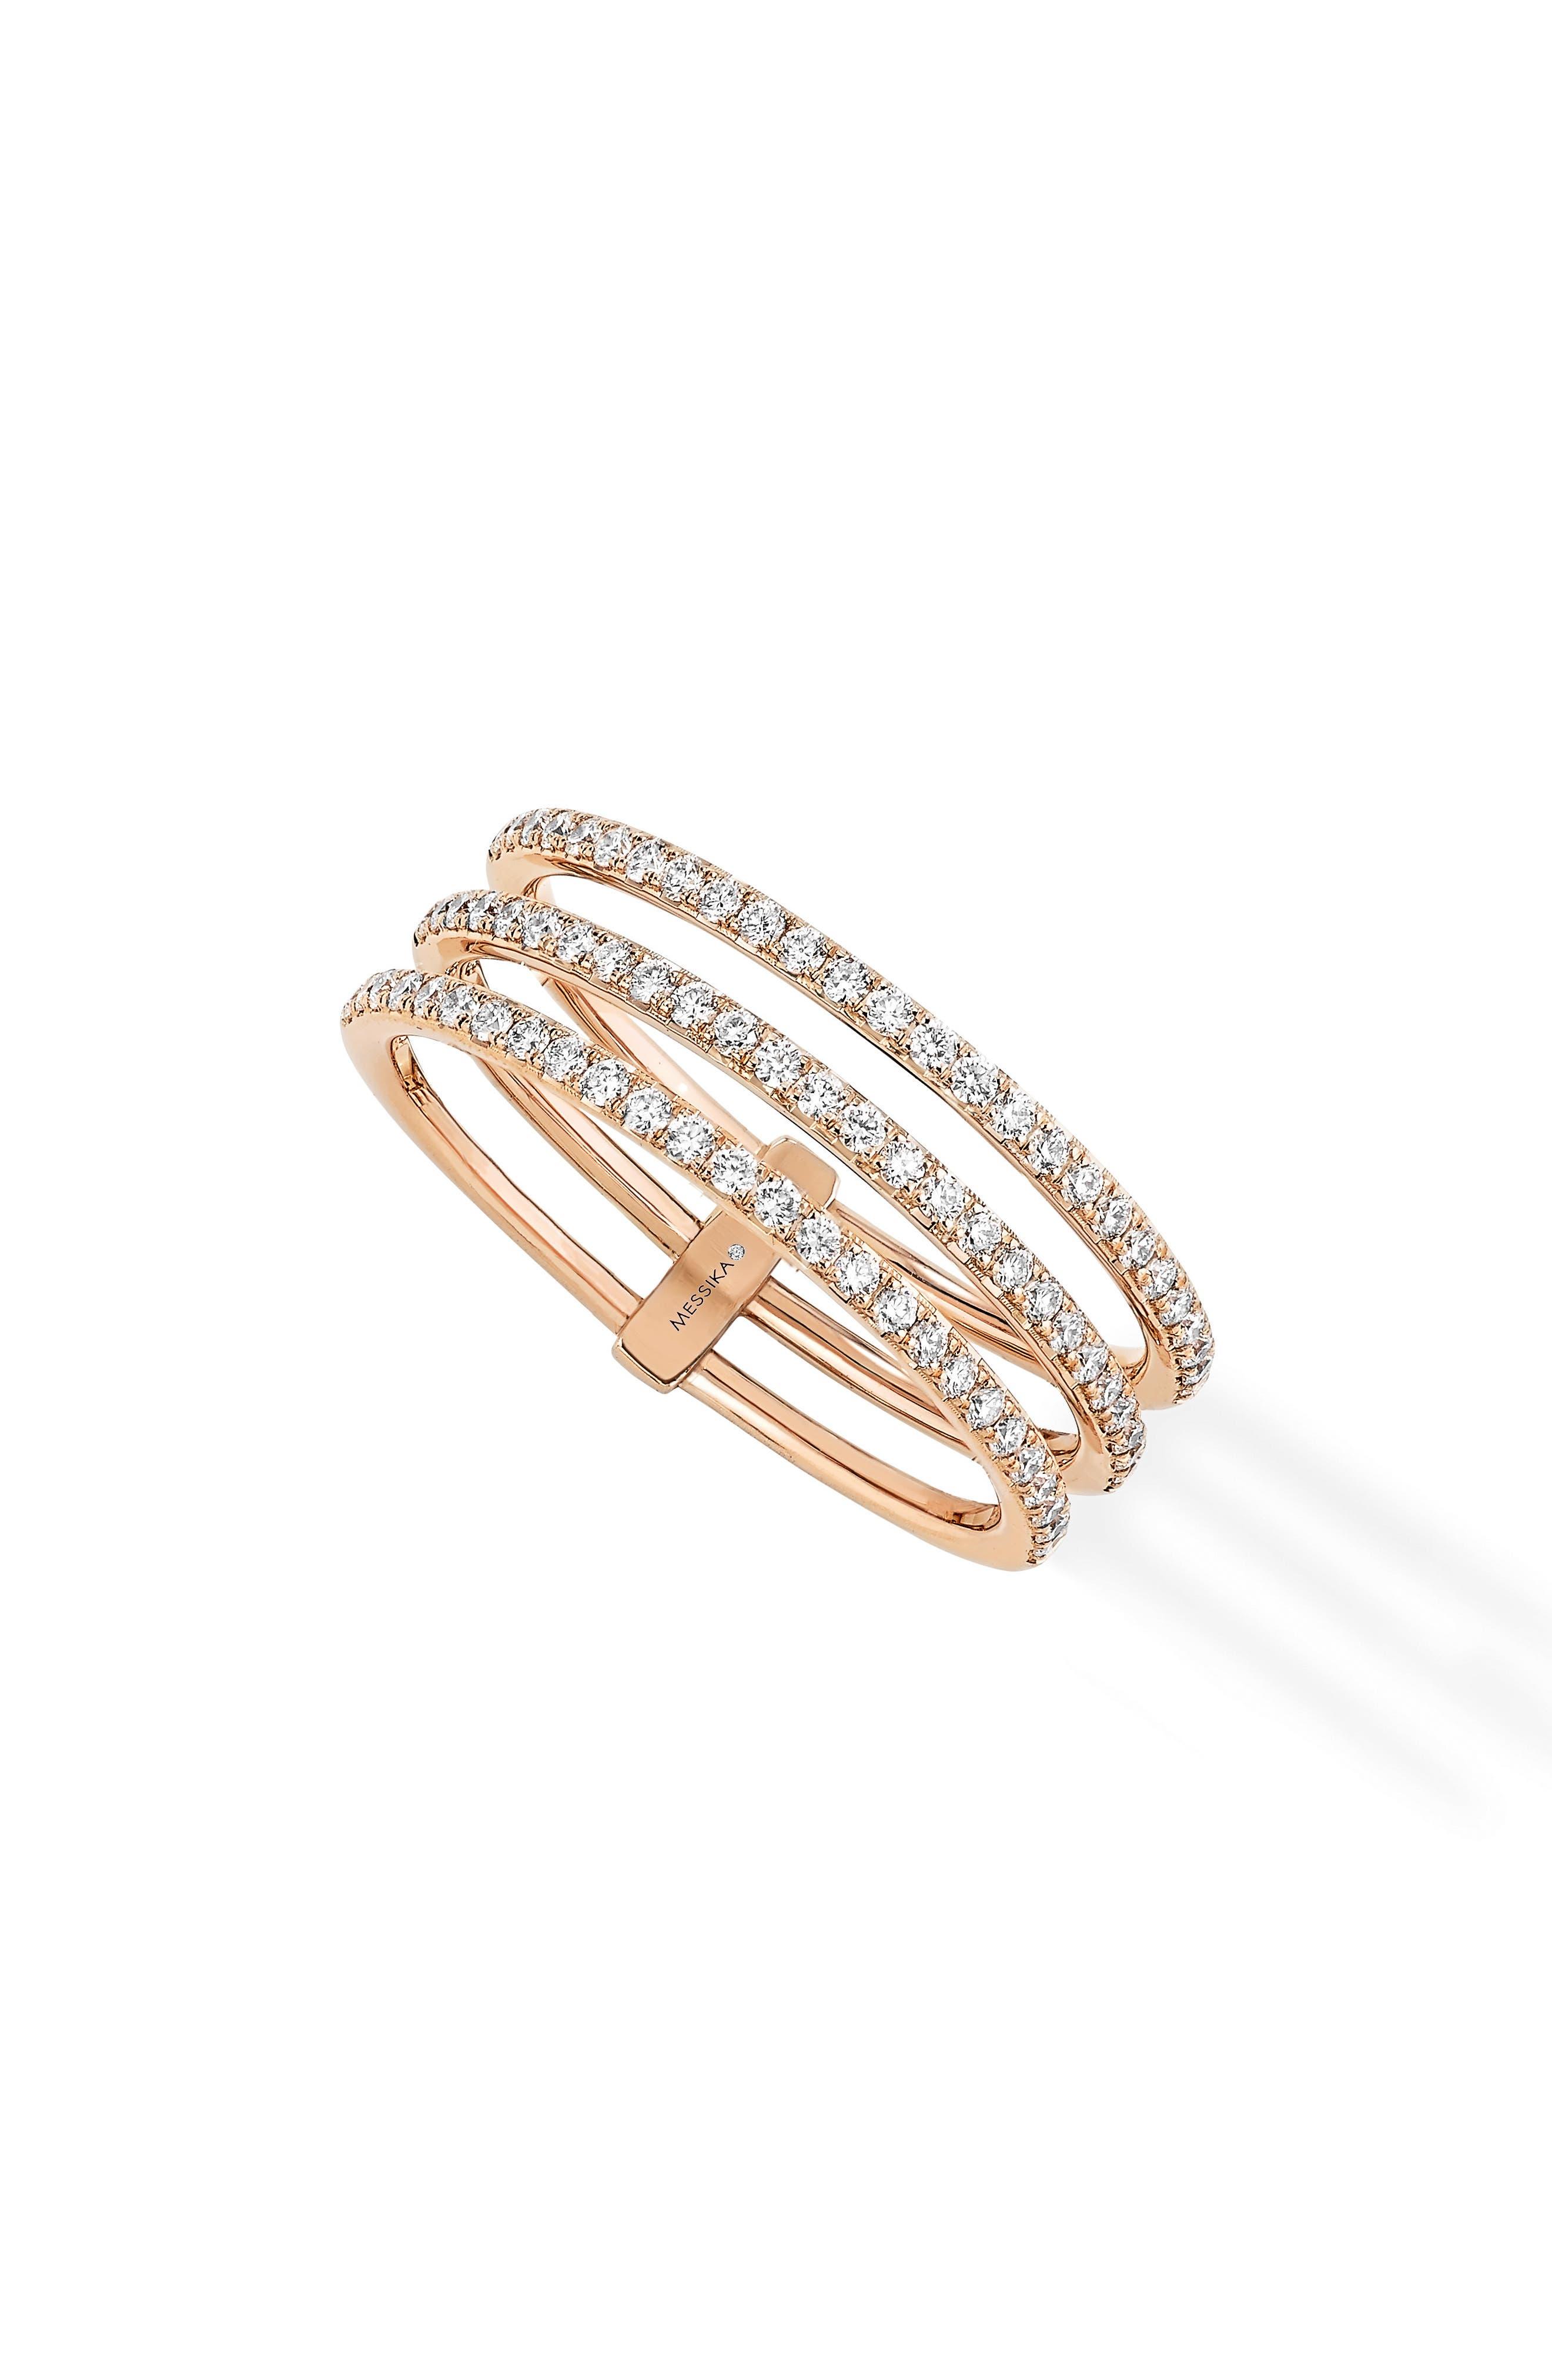 Main Image - Messika 3-Row Diamond Ring